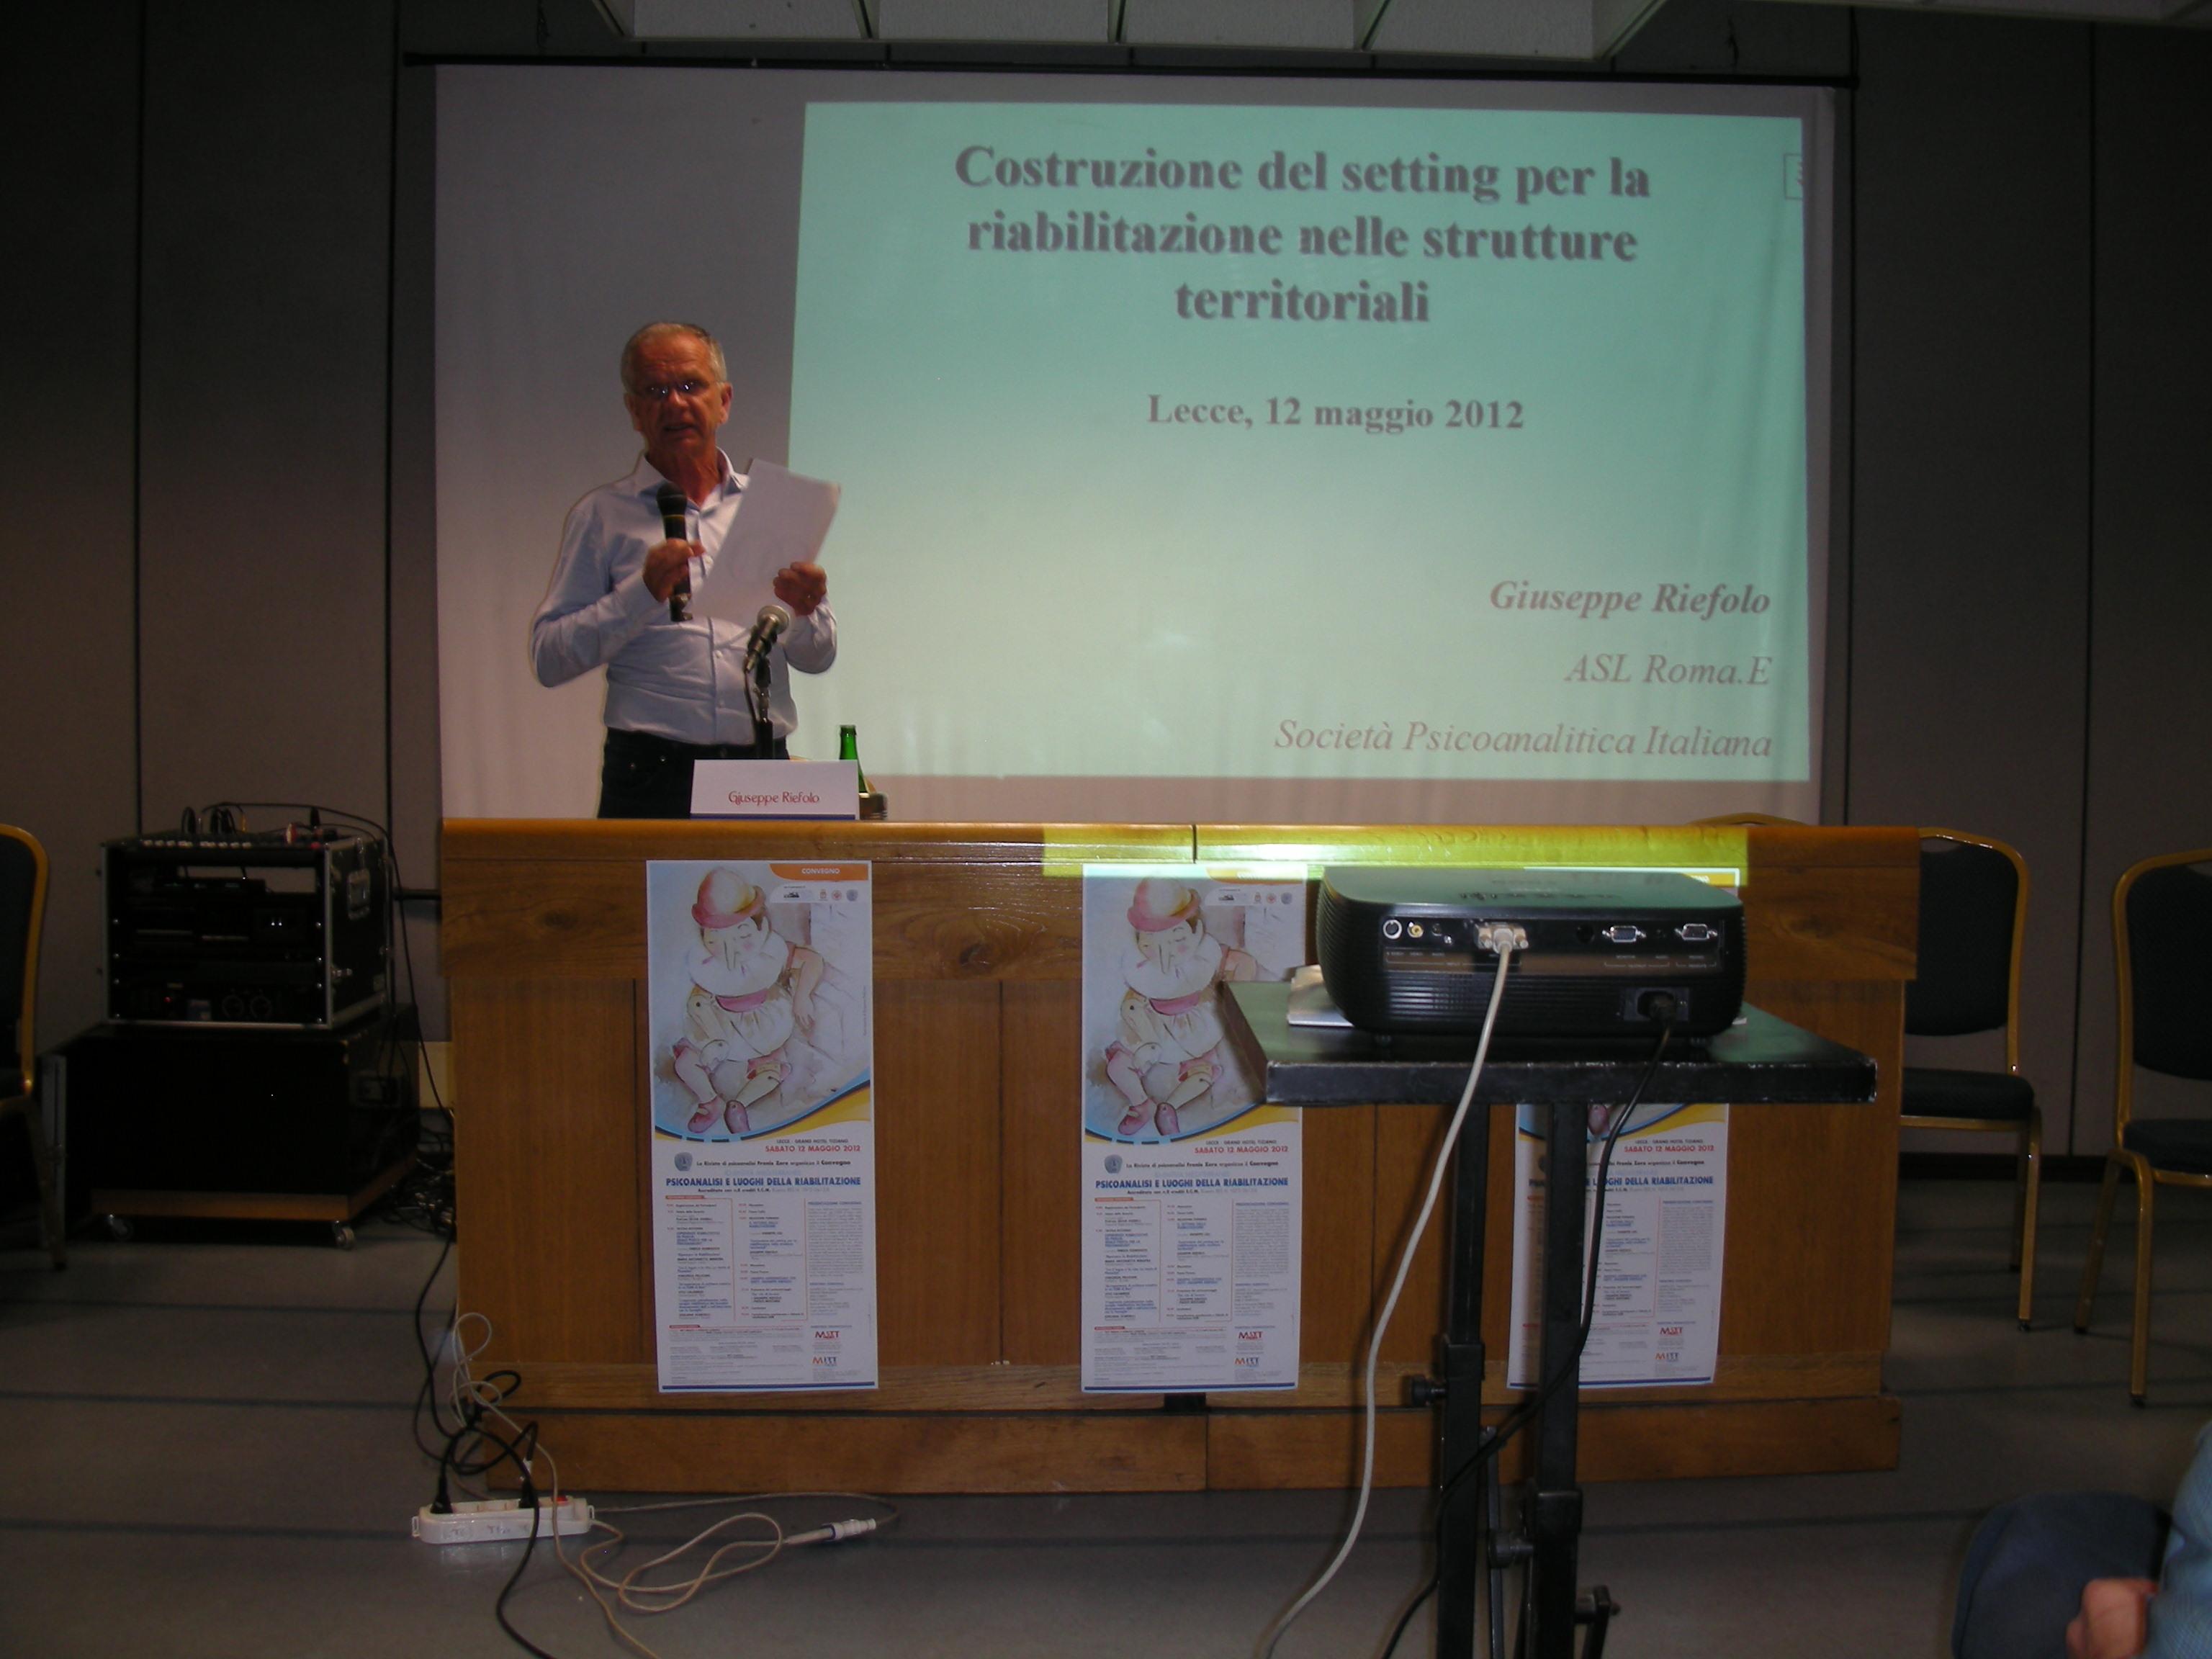 2012 PSICOANALISI E LUOGHI DELLA                                                                                               RIABILITAZIONE: relazione plenaria di Giuseppe Riefolo (Lecce, 2012)